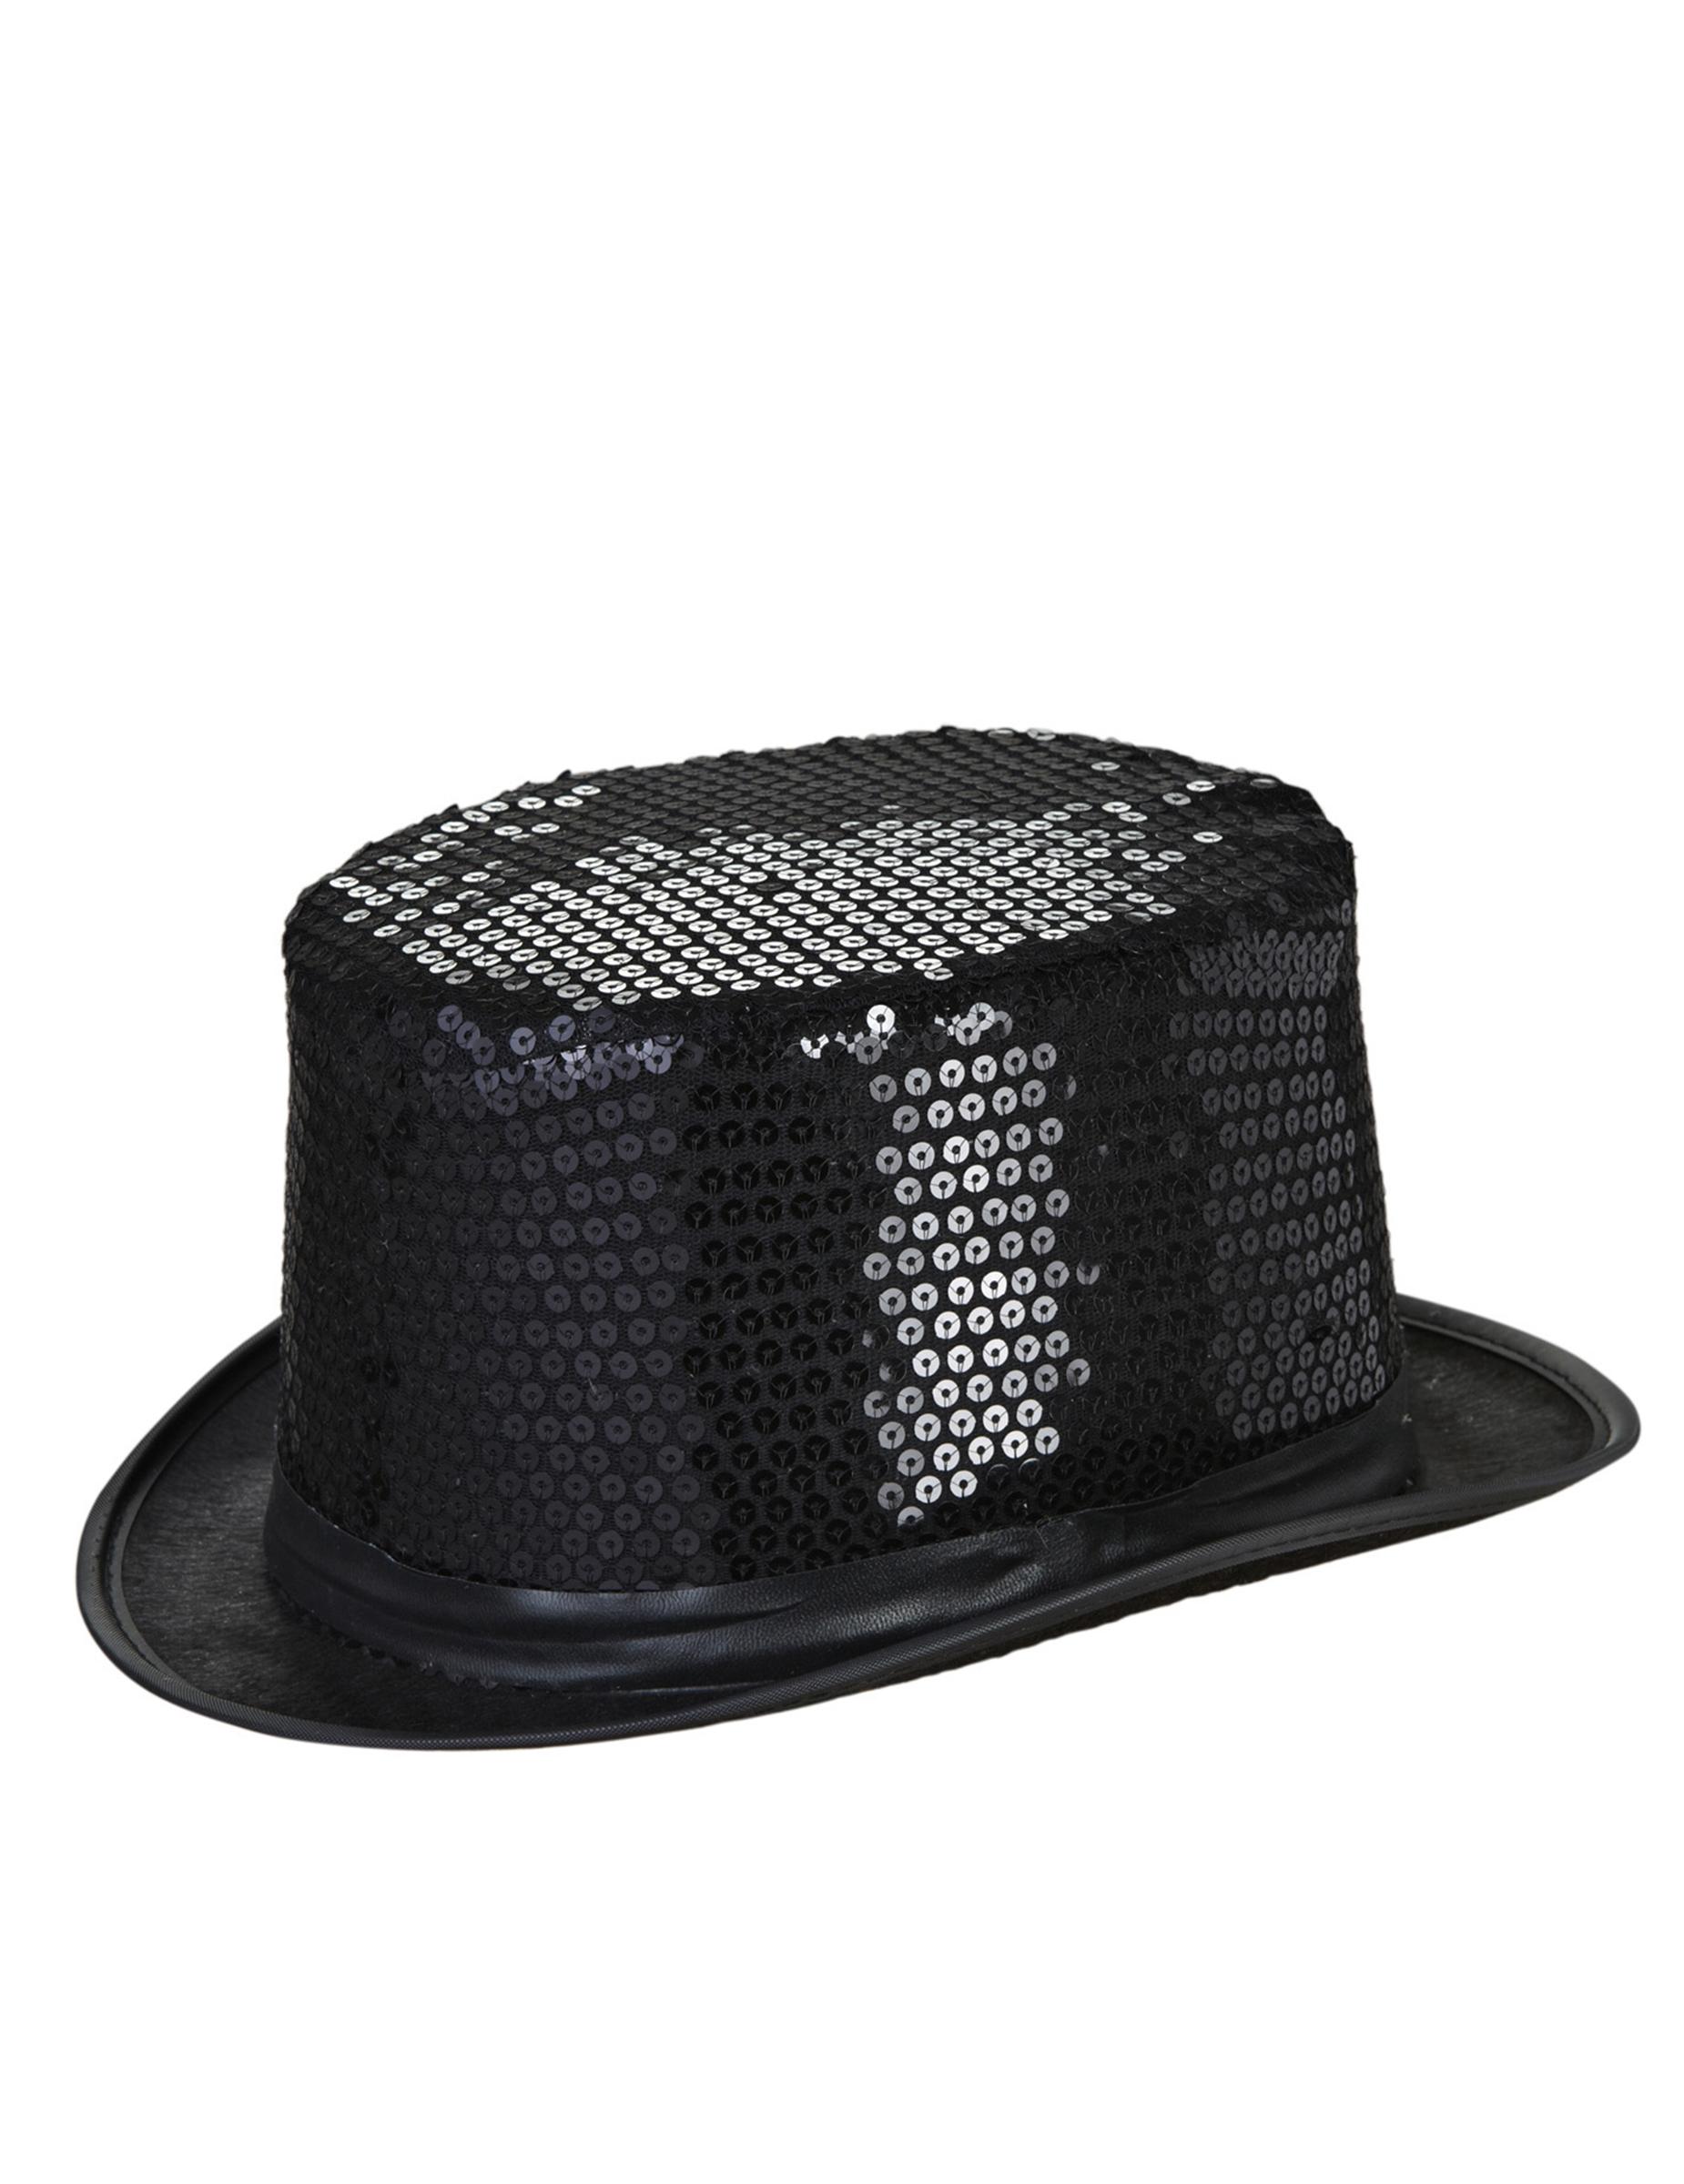 Cappello a cilindro nero paillettes adulto  Cappelli d292eaf41eaa